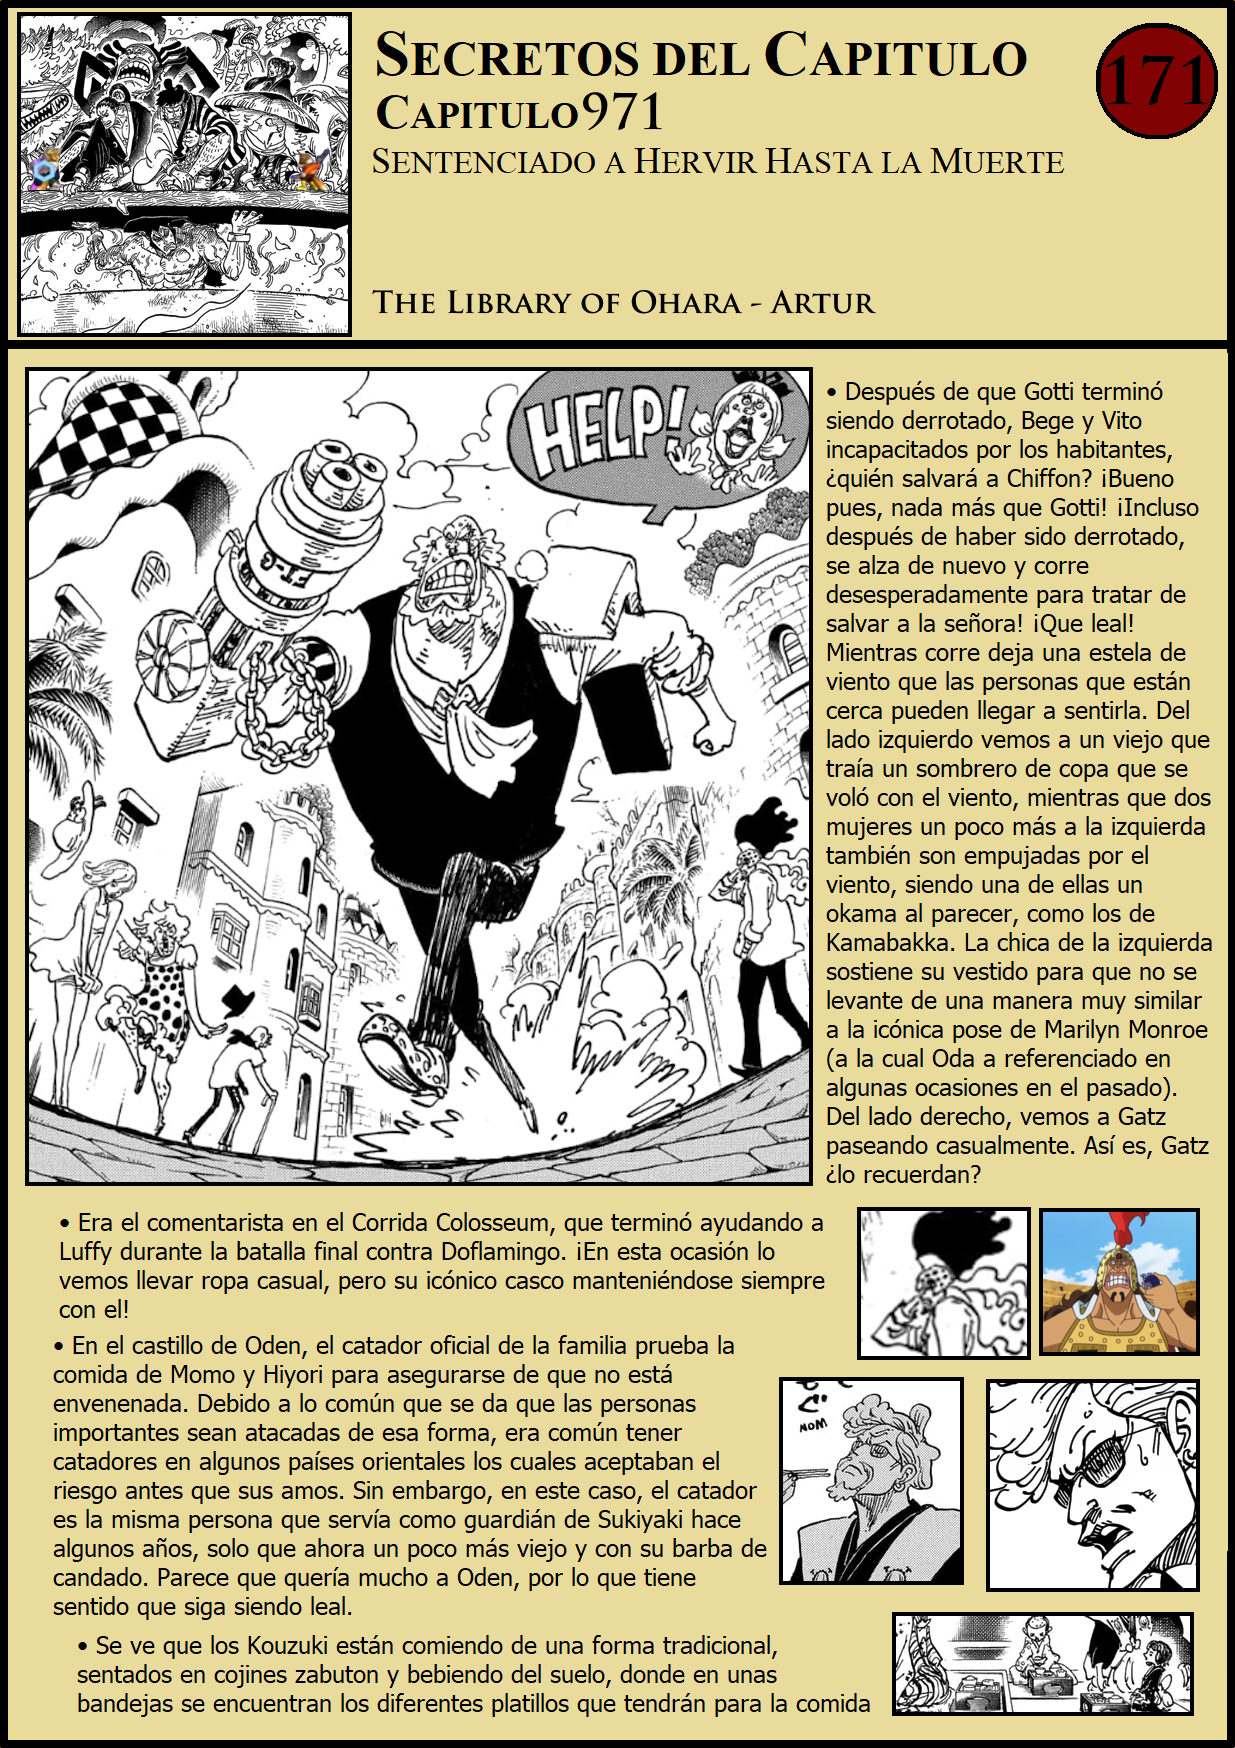 Secretos & Curiosidades - One Piece Manga 971 01